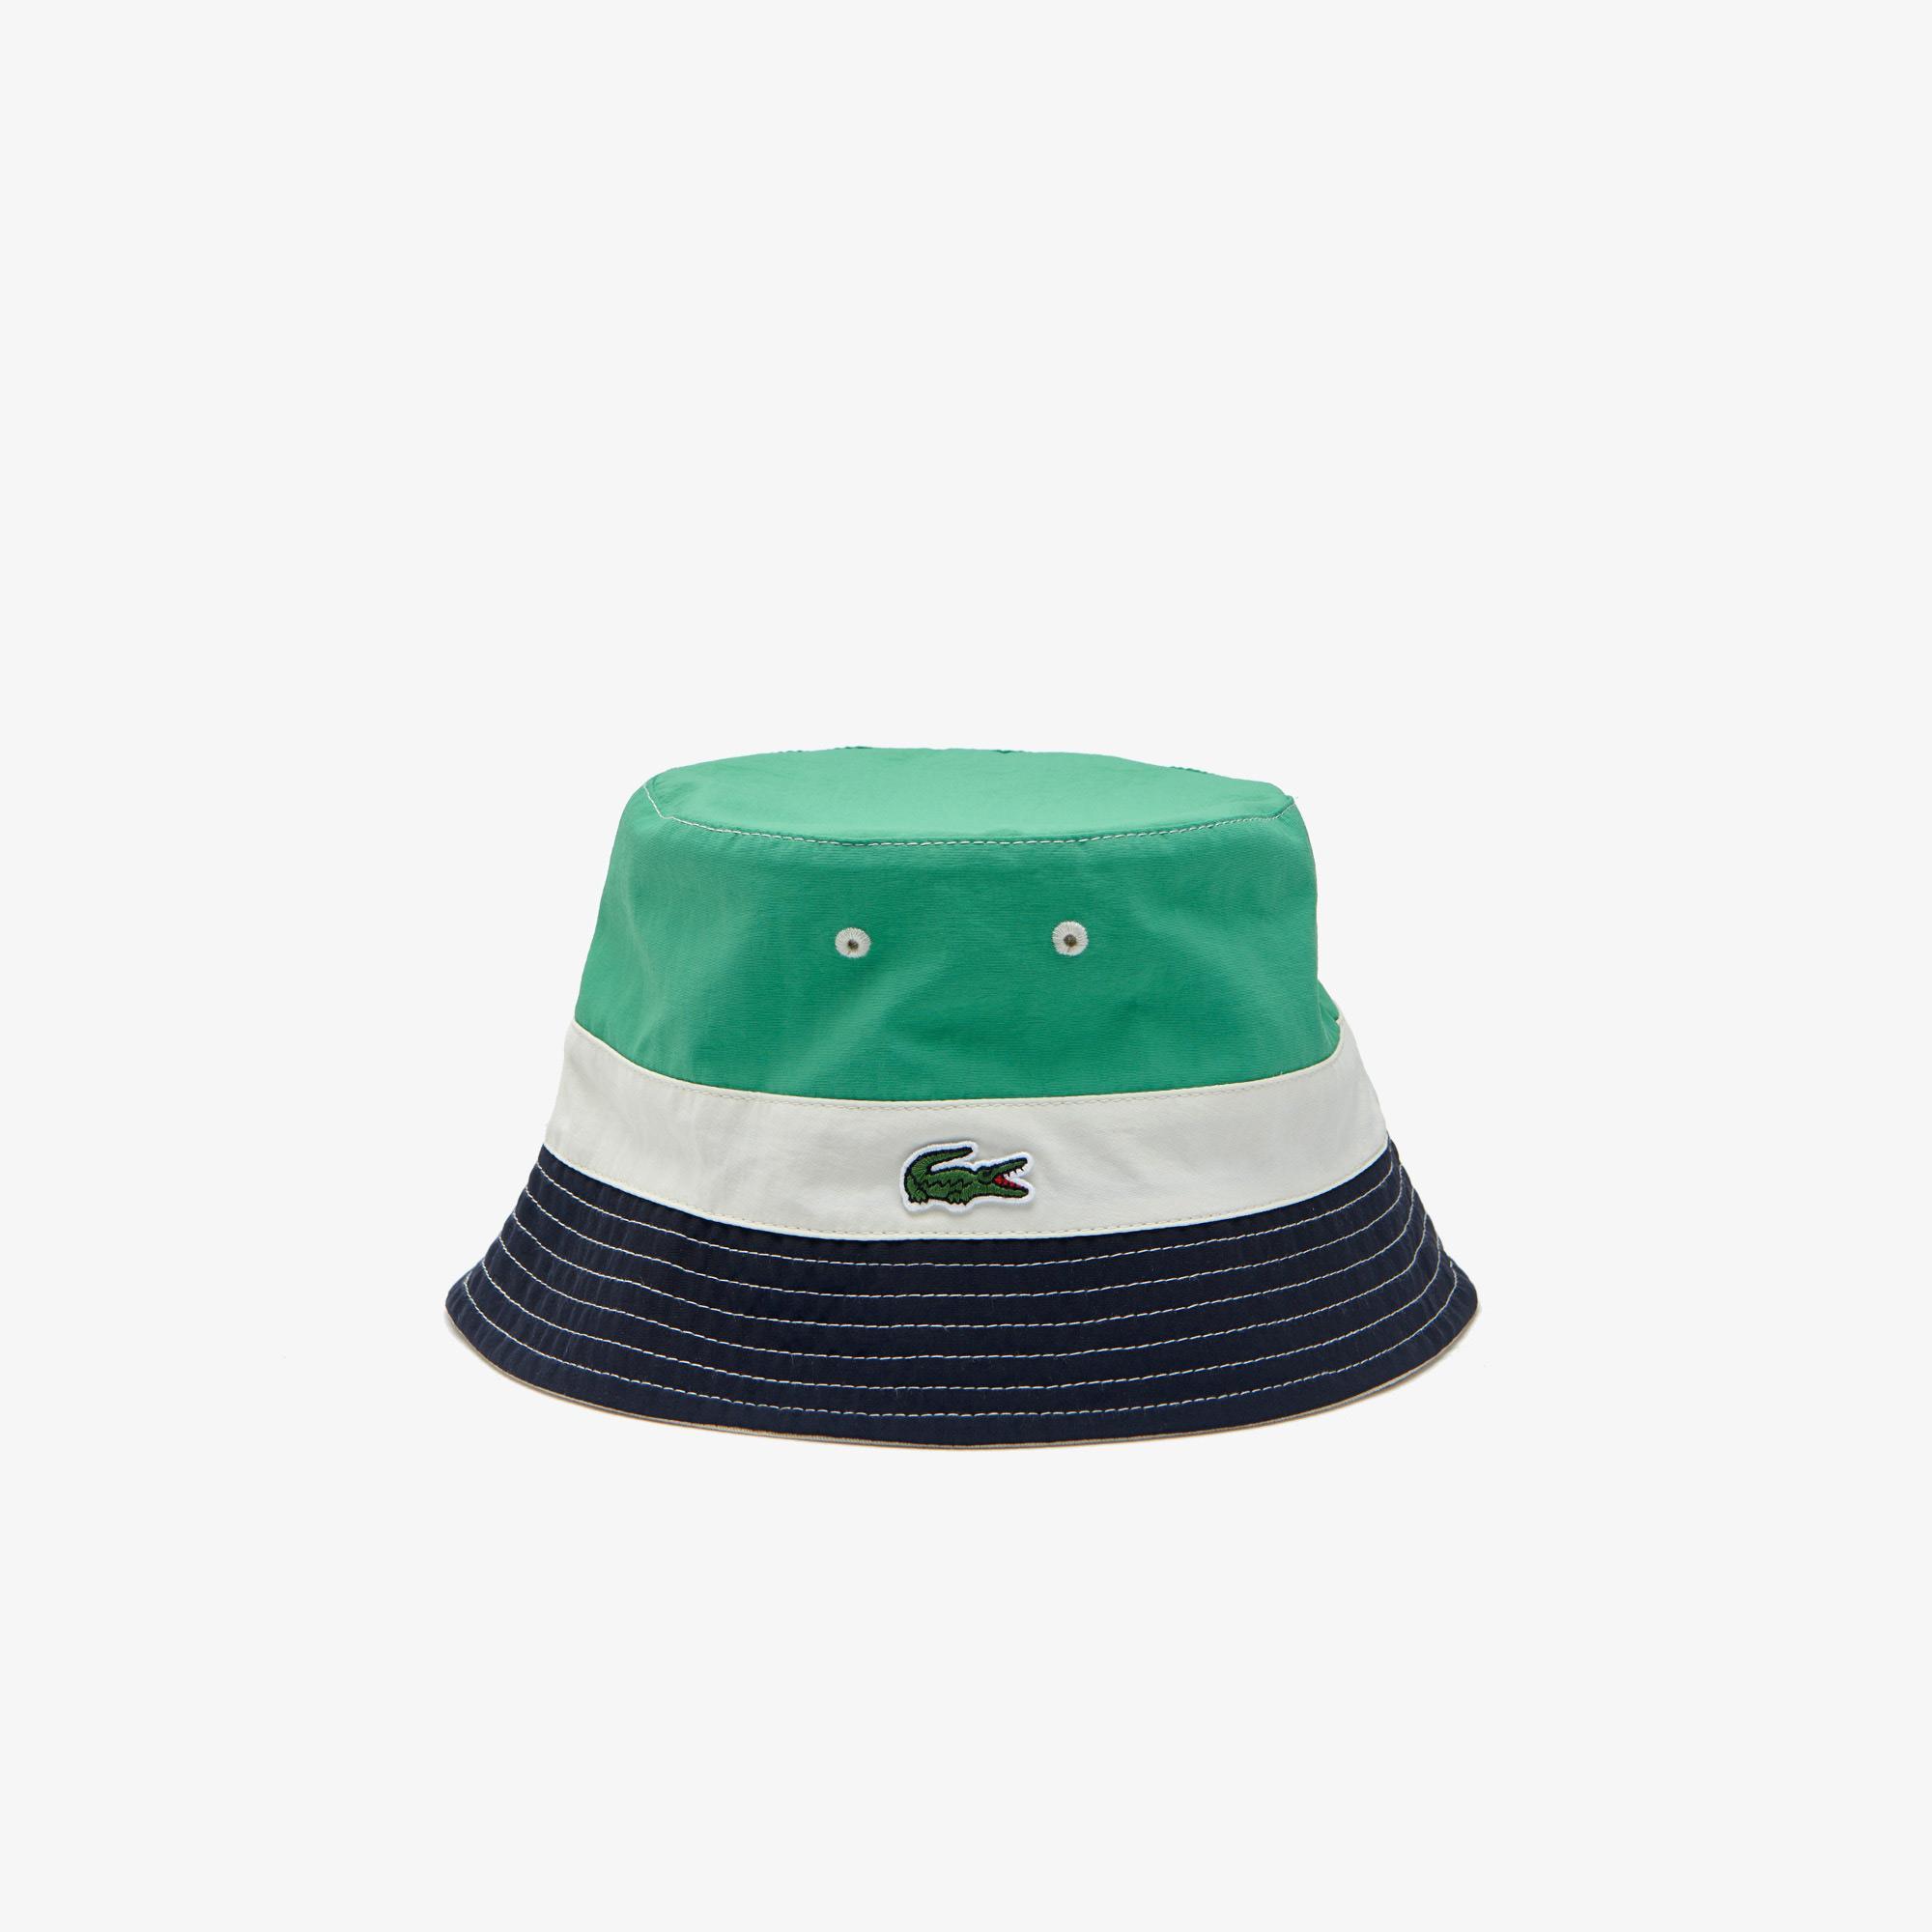 Lacoste Męska lekka dwustronna czapka wędkarska w bloki kolorystyczne